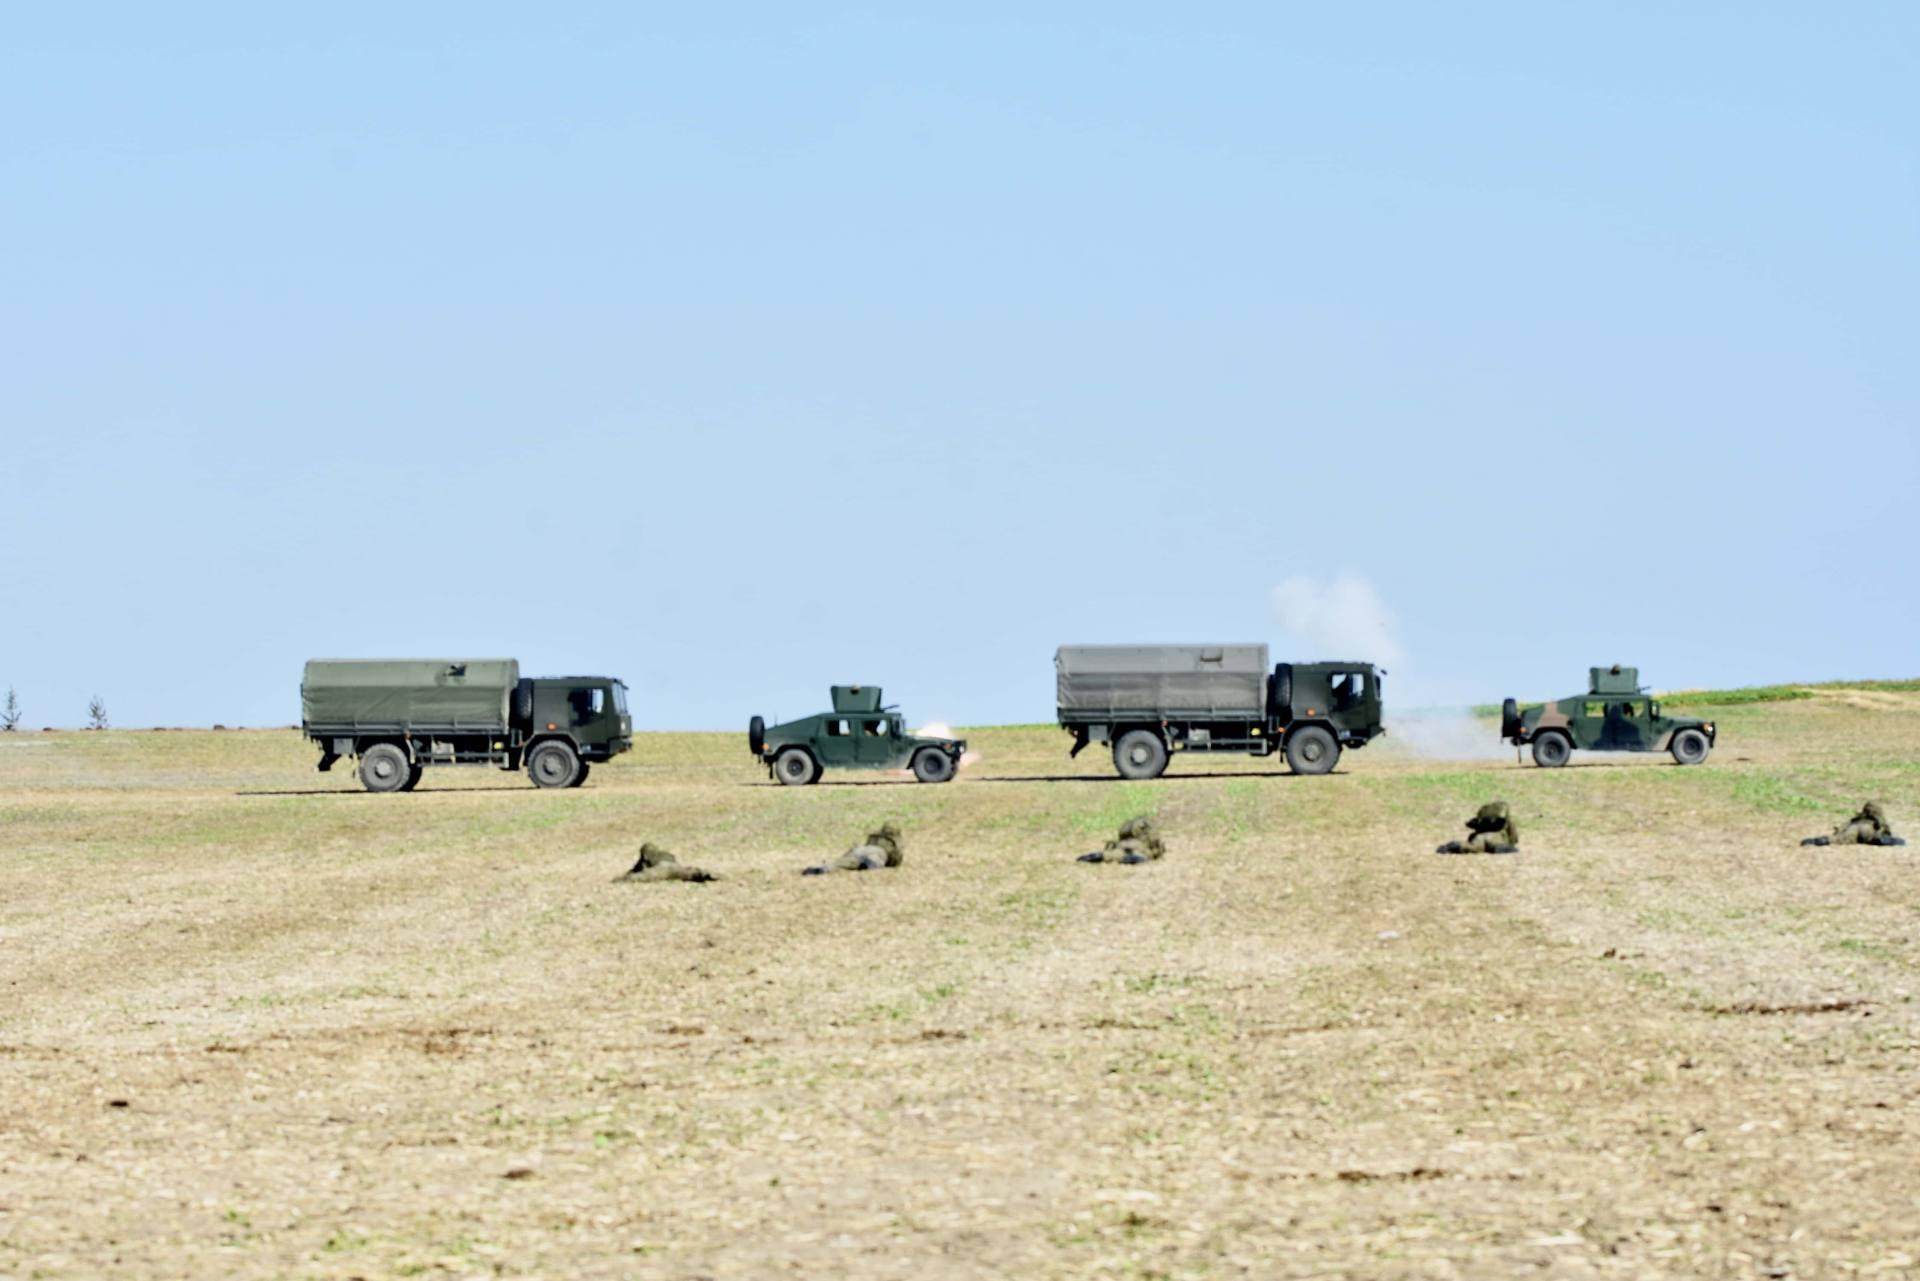 dsc 1232 Czas szabli - 100 rocznica bitwy pod Komarowem(zdjęcia)